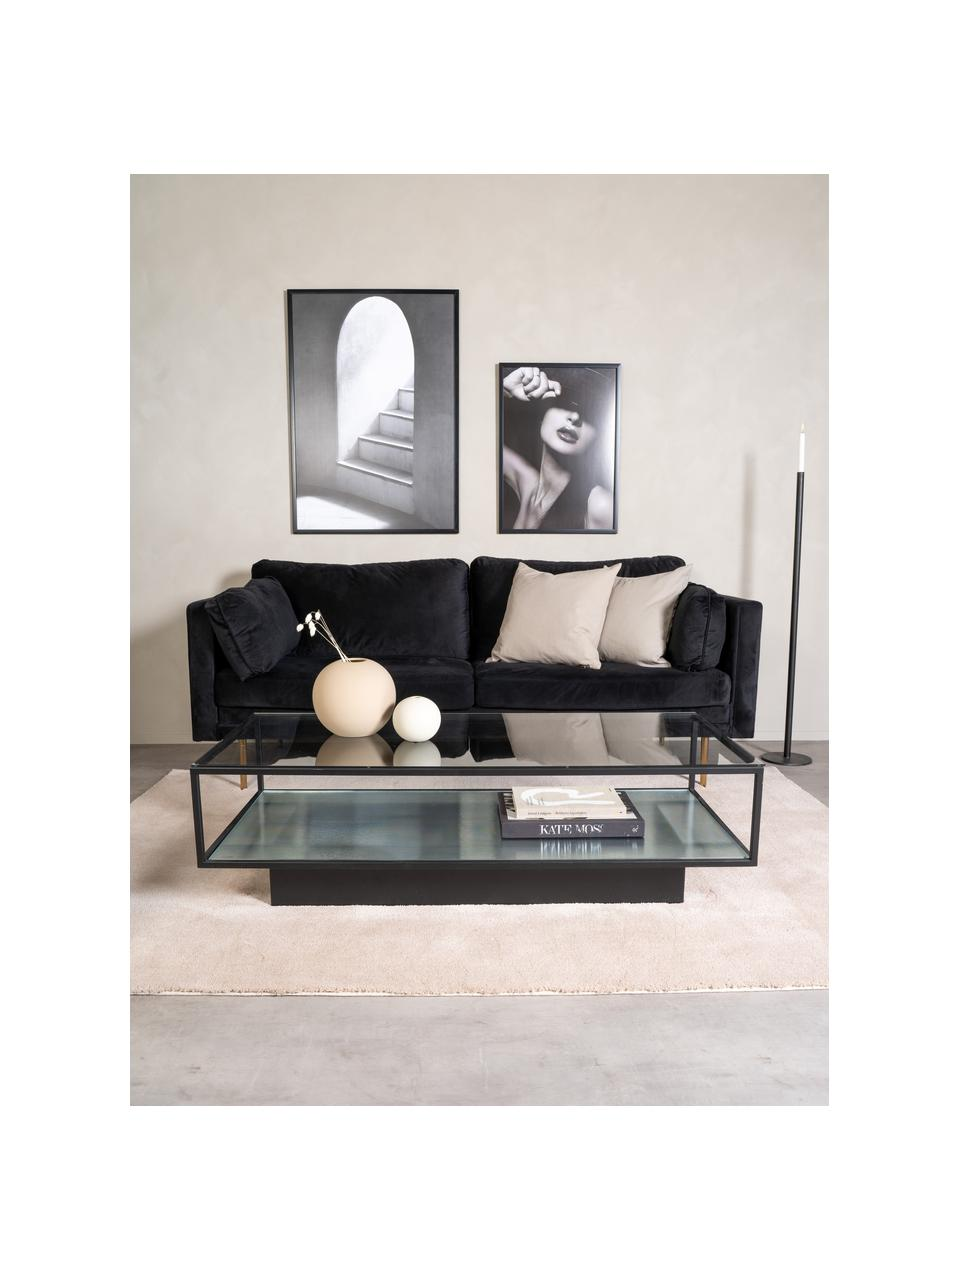 Metalen salontafel Maglehem met glazen tafelblad, Frame: gecoat metaal, Zwart, transparant, 130 x 60 cm